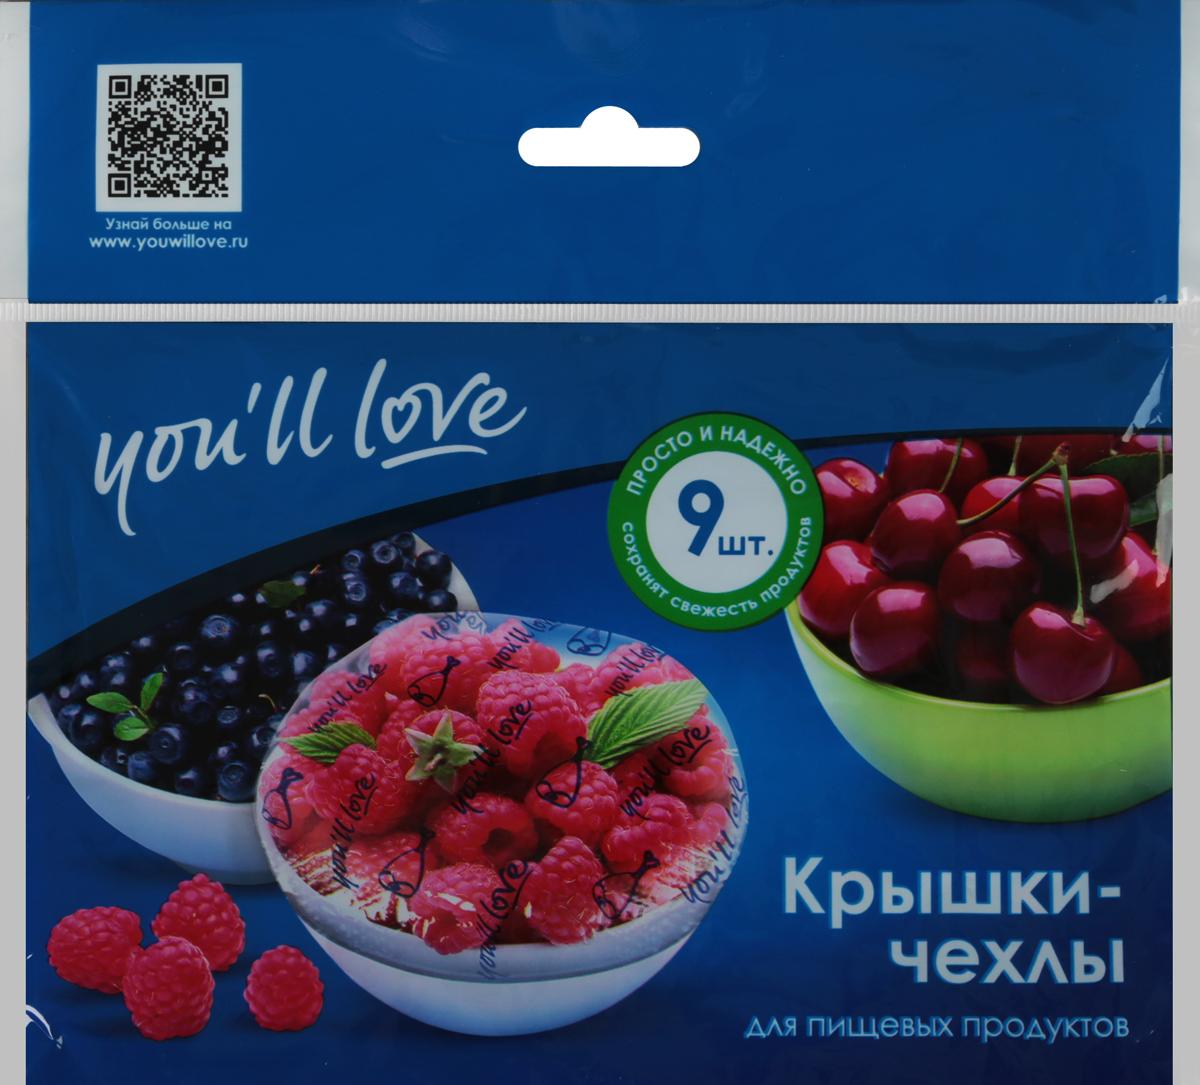 Крышки-чехлы для пищевых продуктов Youll love, 9 шт